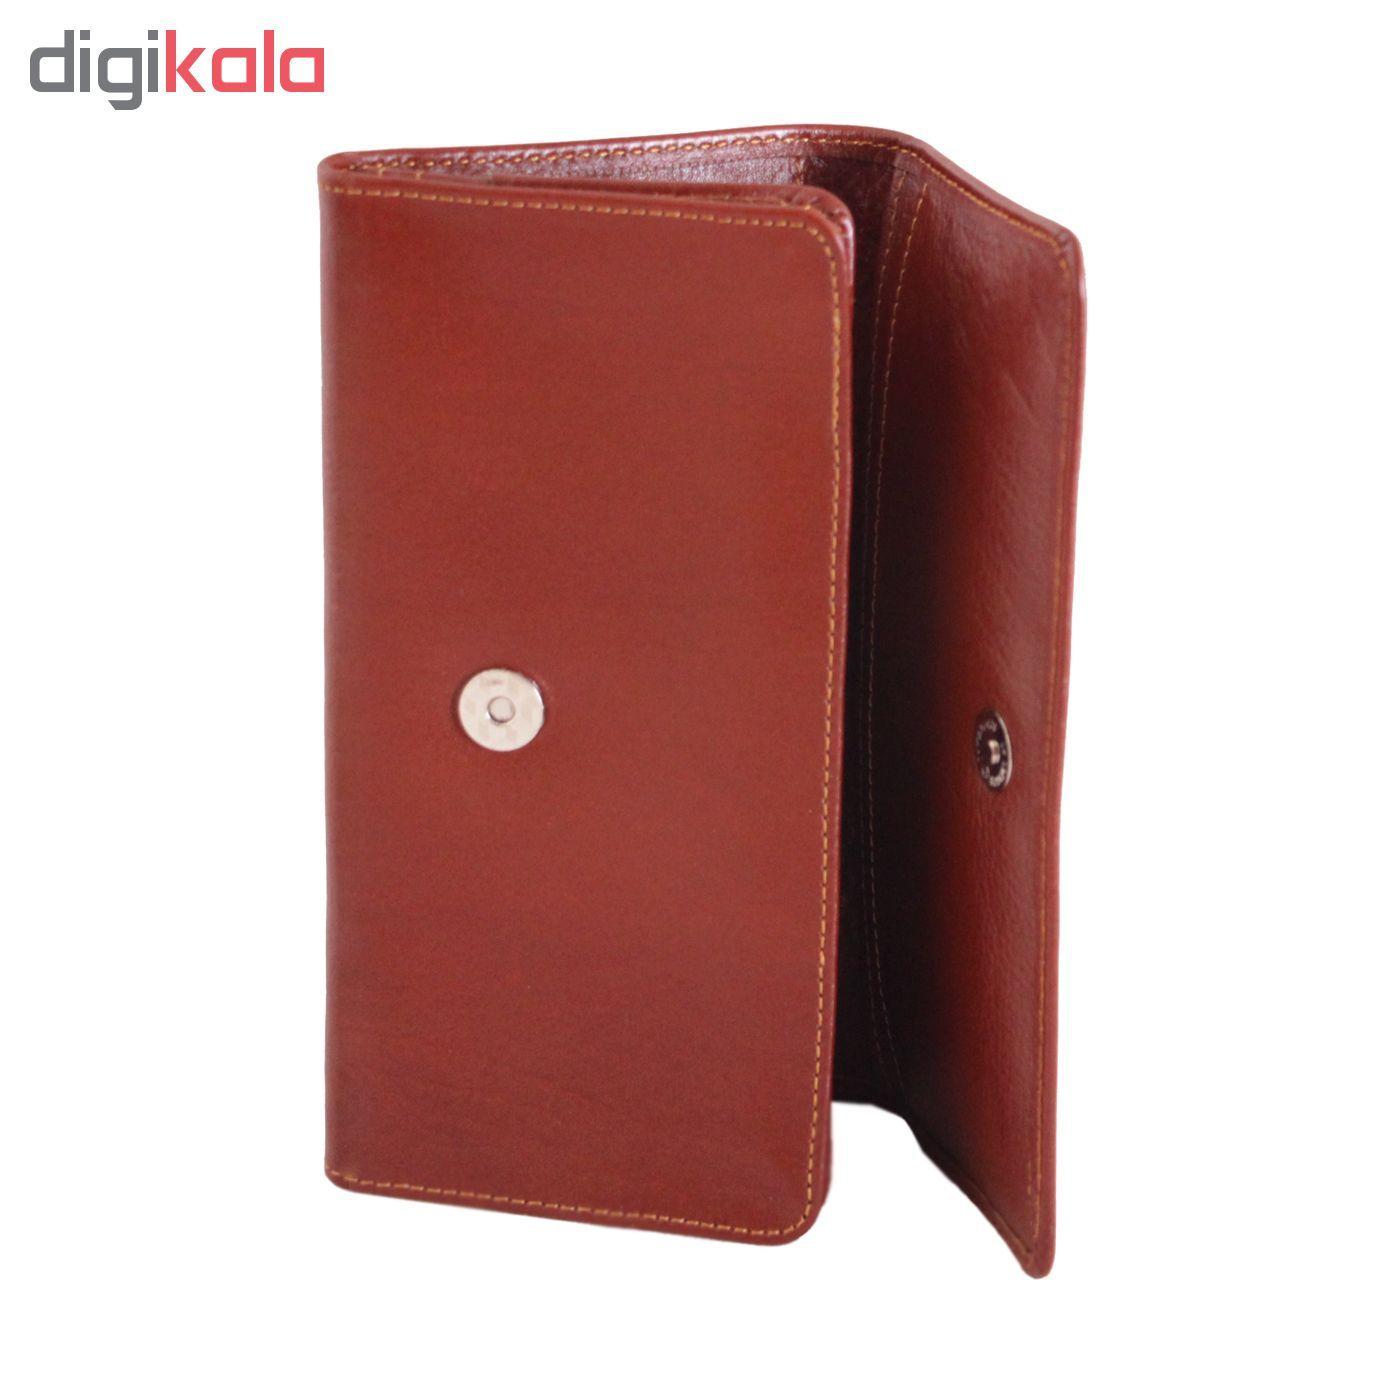 کیف پول چرم طبیعی آدین چرم مدل DM23.1  main 1 11